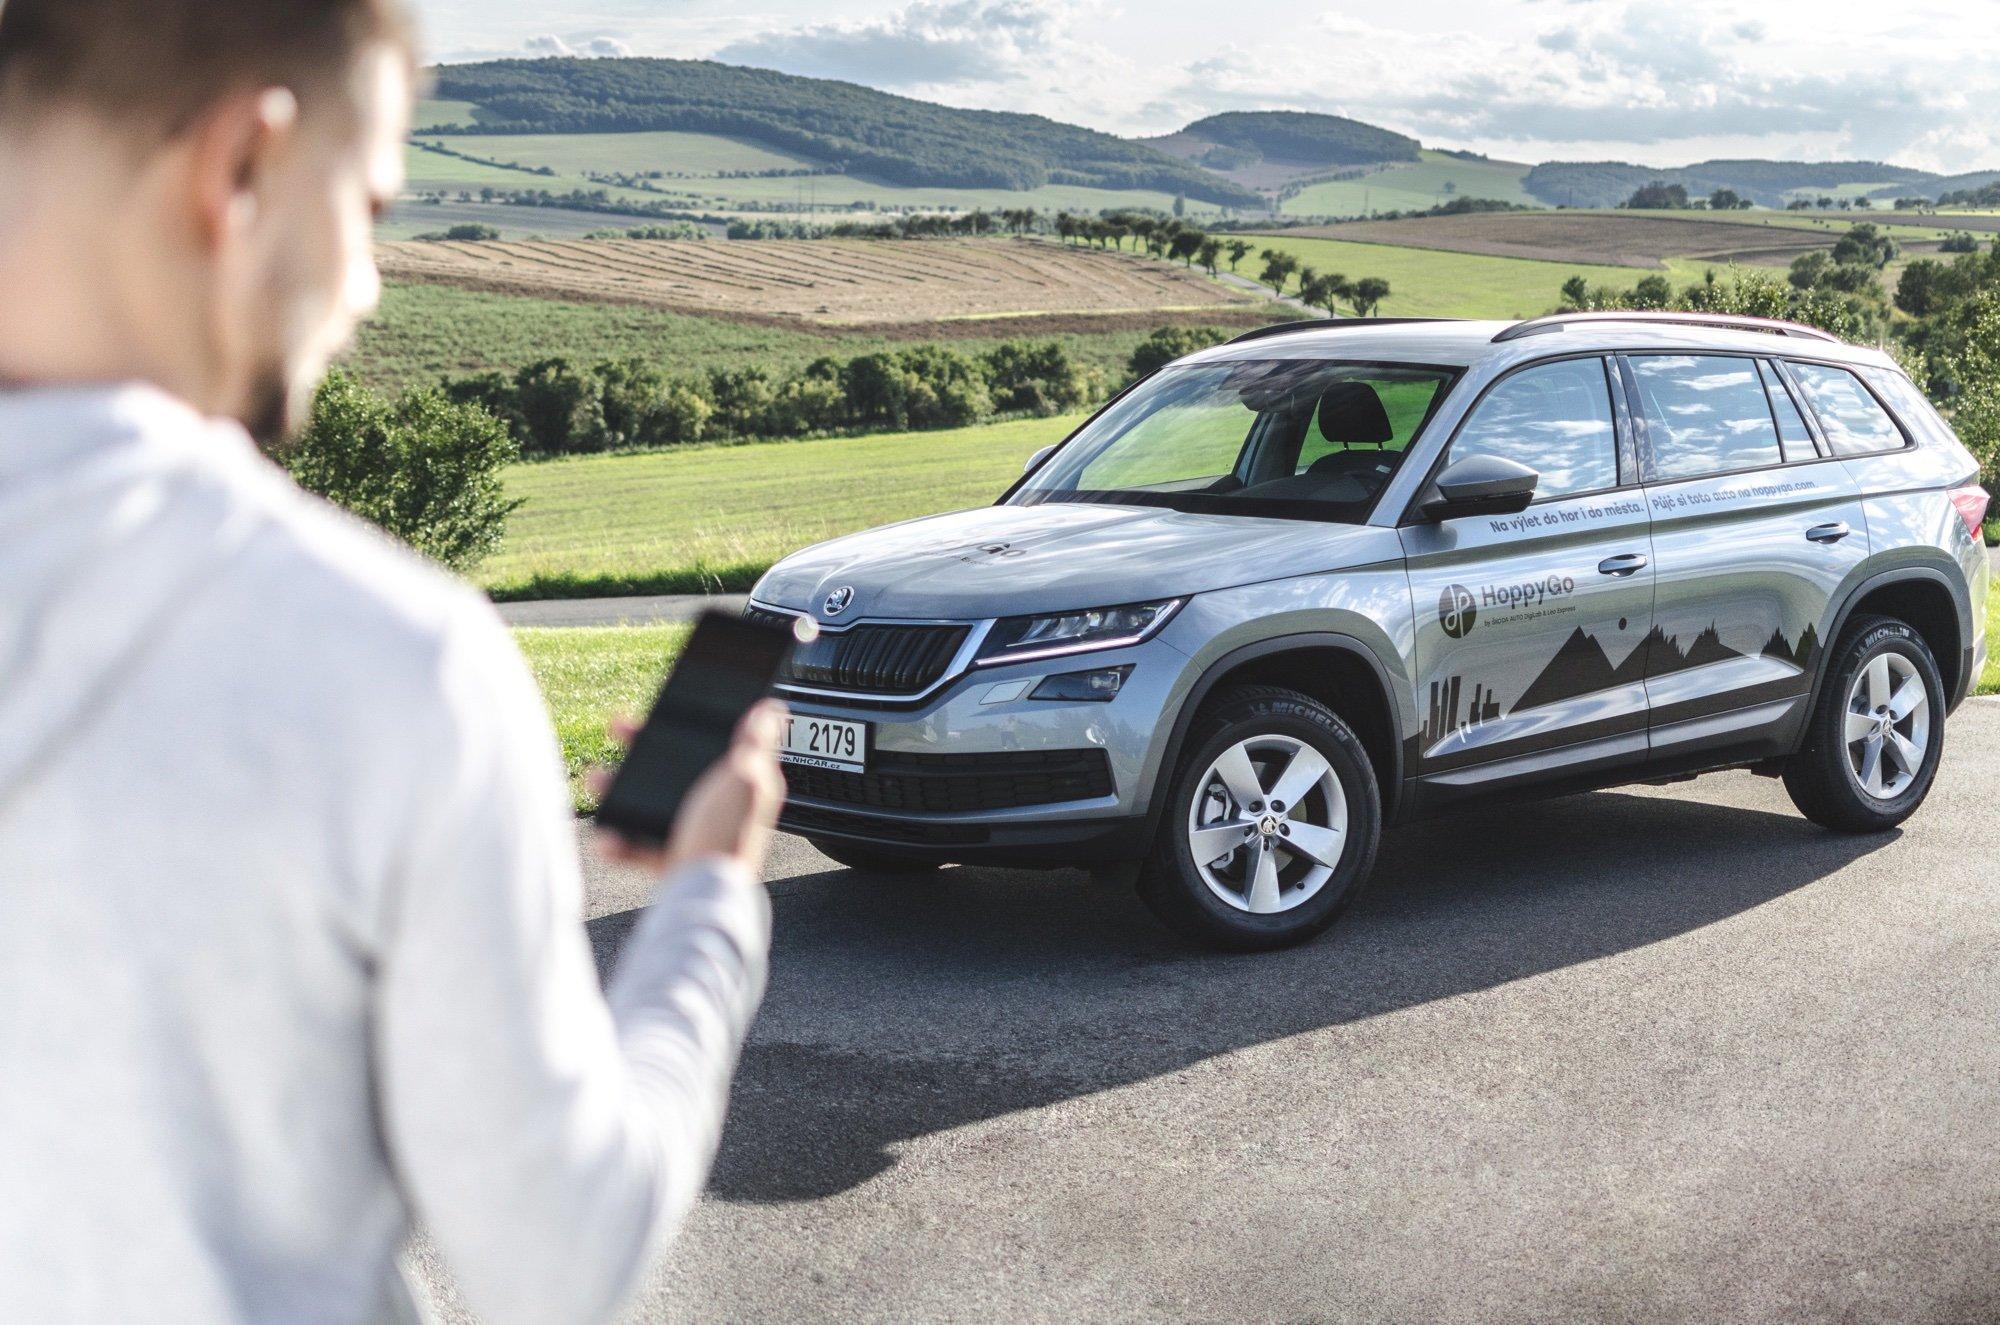 Sdílená mobilita se v ČR stává fenoménem, HoppyGo navyšuje kapacitu a nabírá nové majitele vozů - anotační obrázek